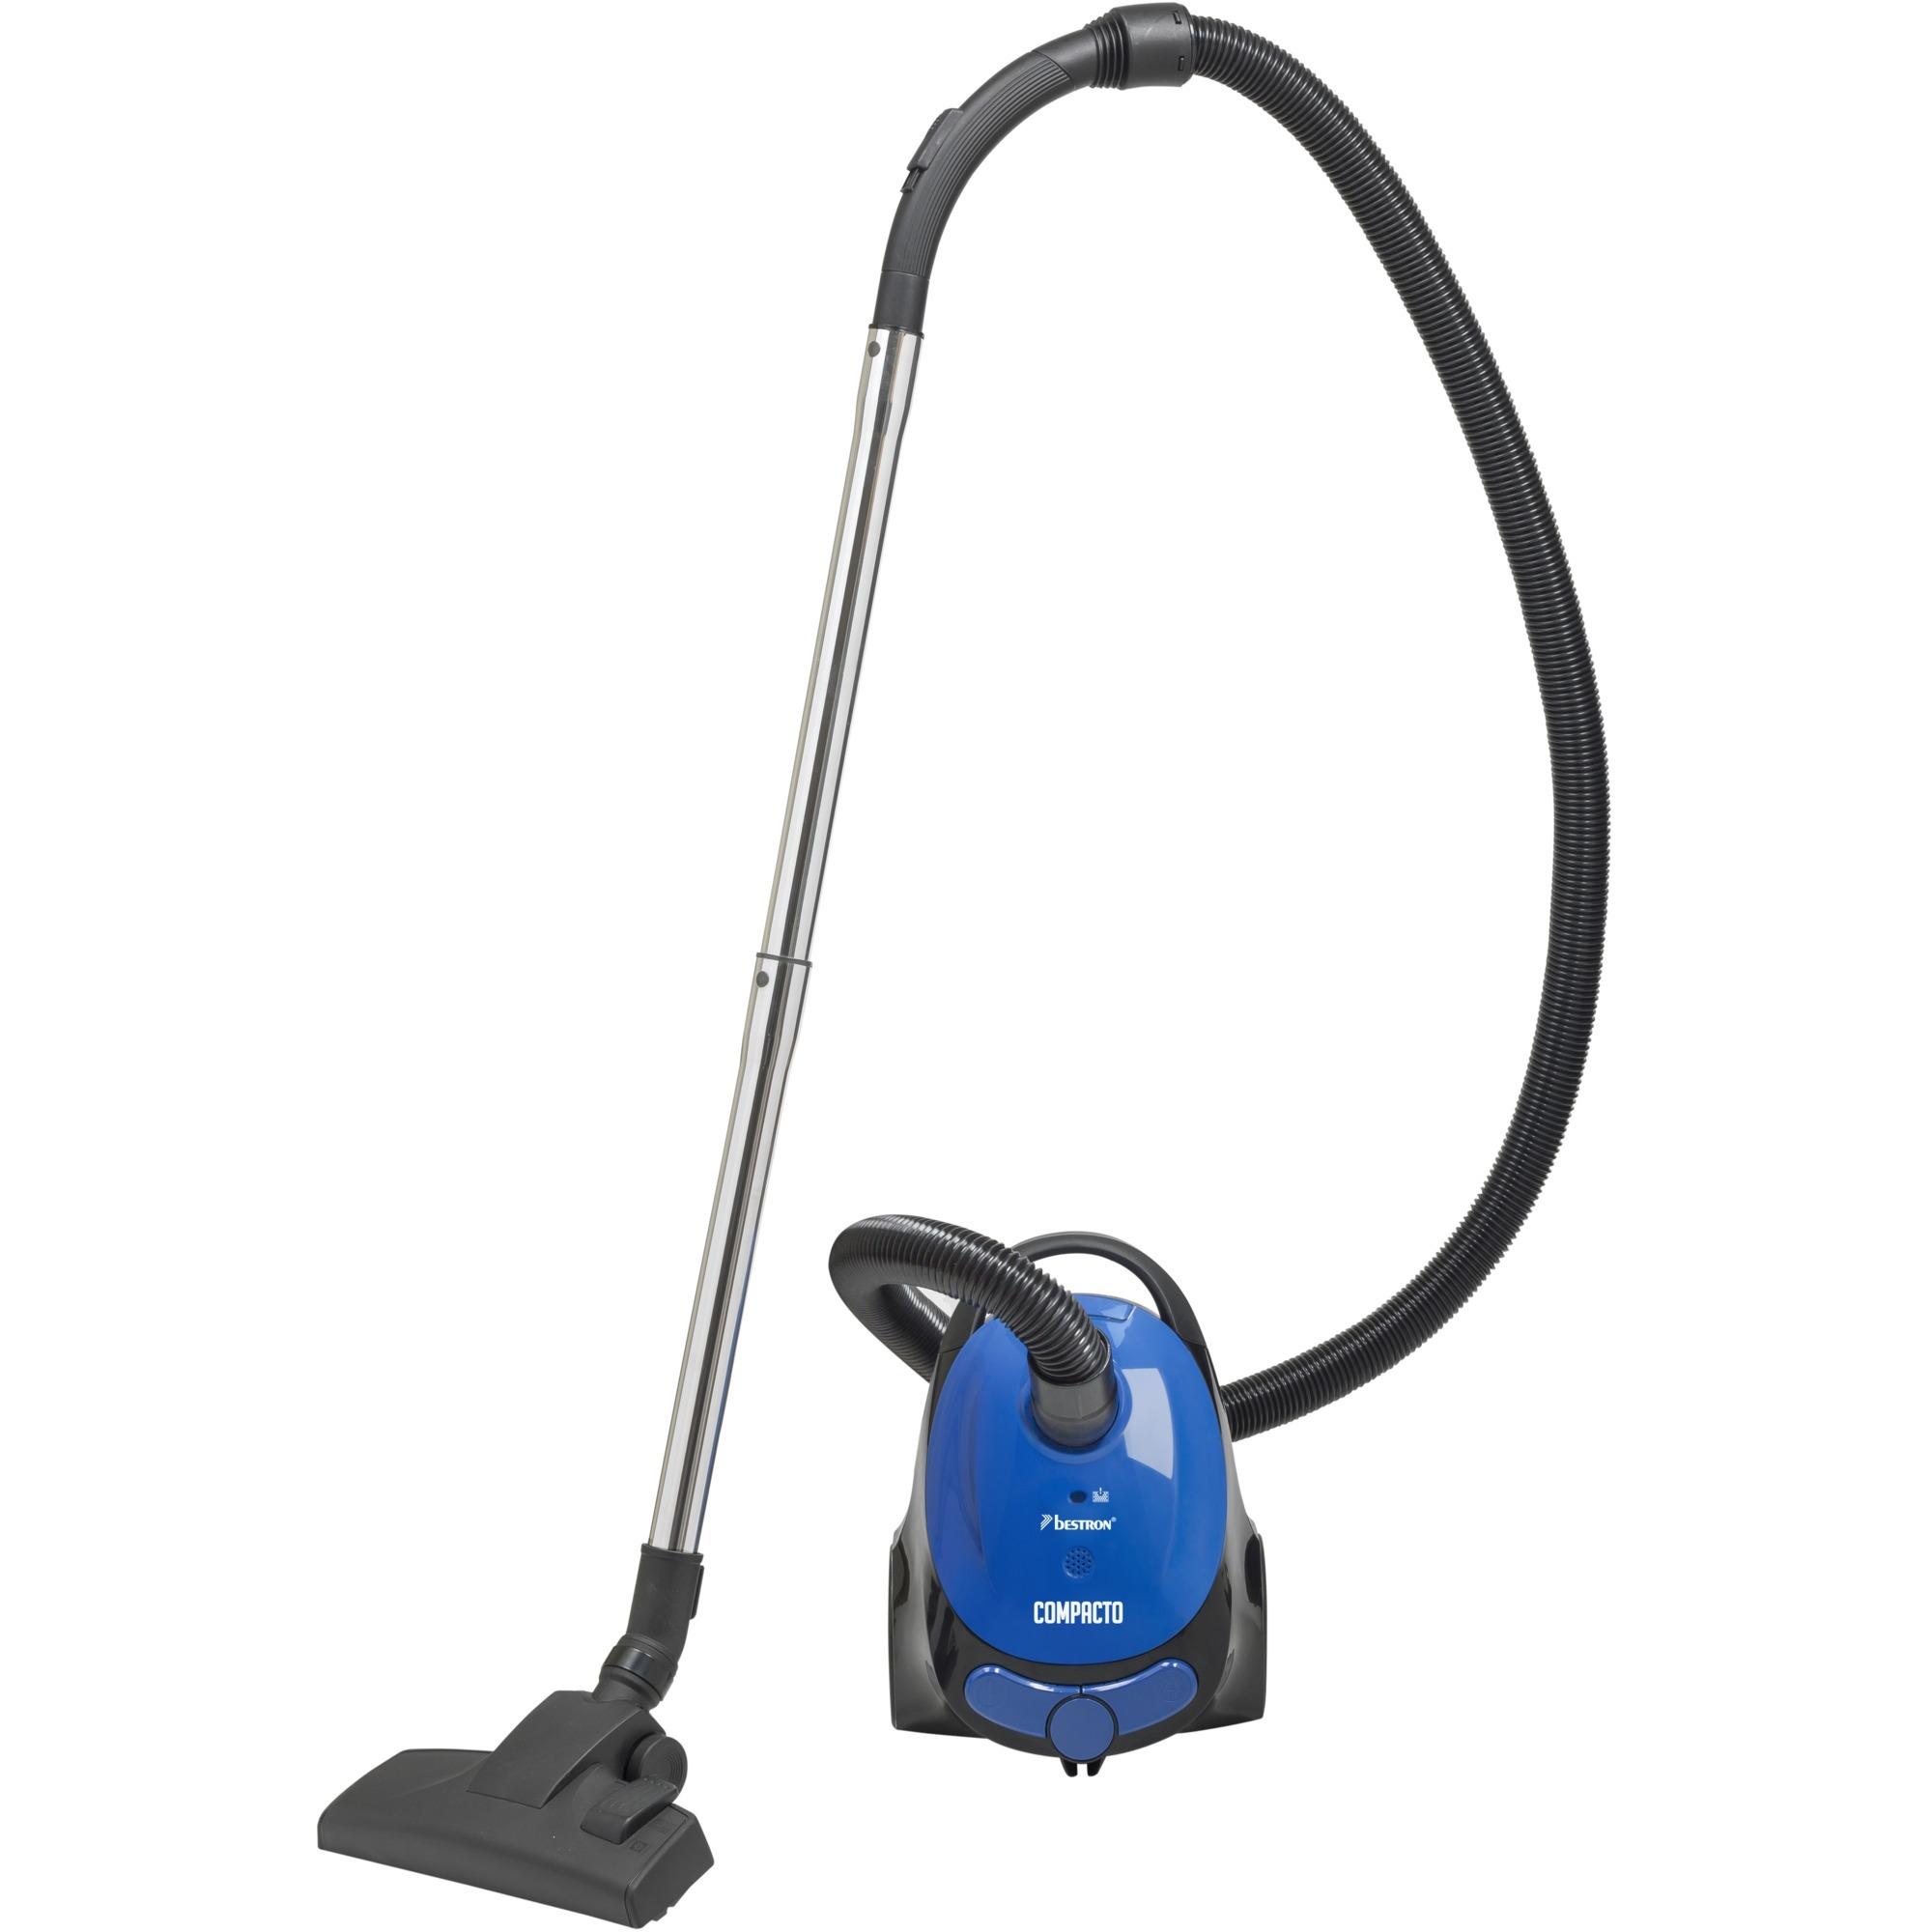 ABG150BB aspiradora 800 W A Aspiradora cilíndrica 1,3 L Negro, Azul, Aspiradora de suelo